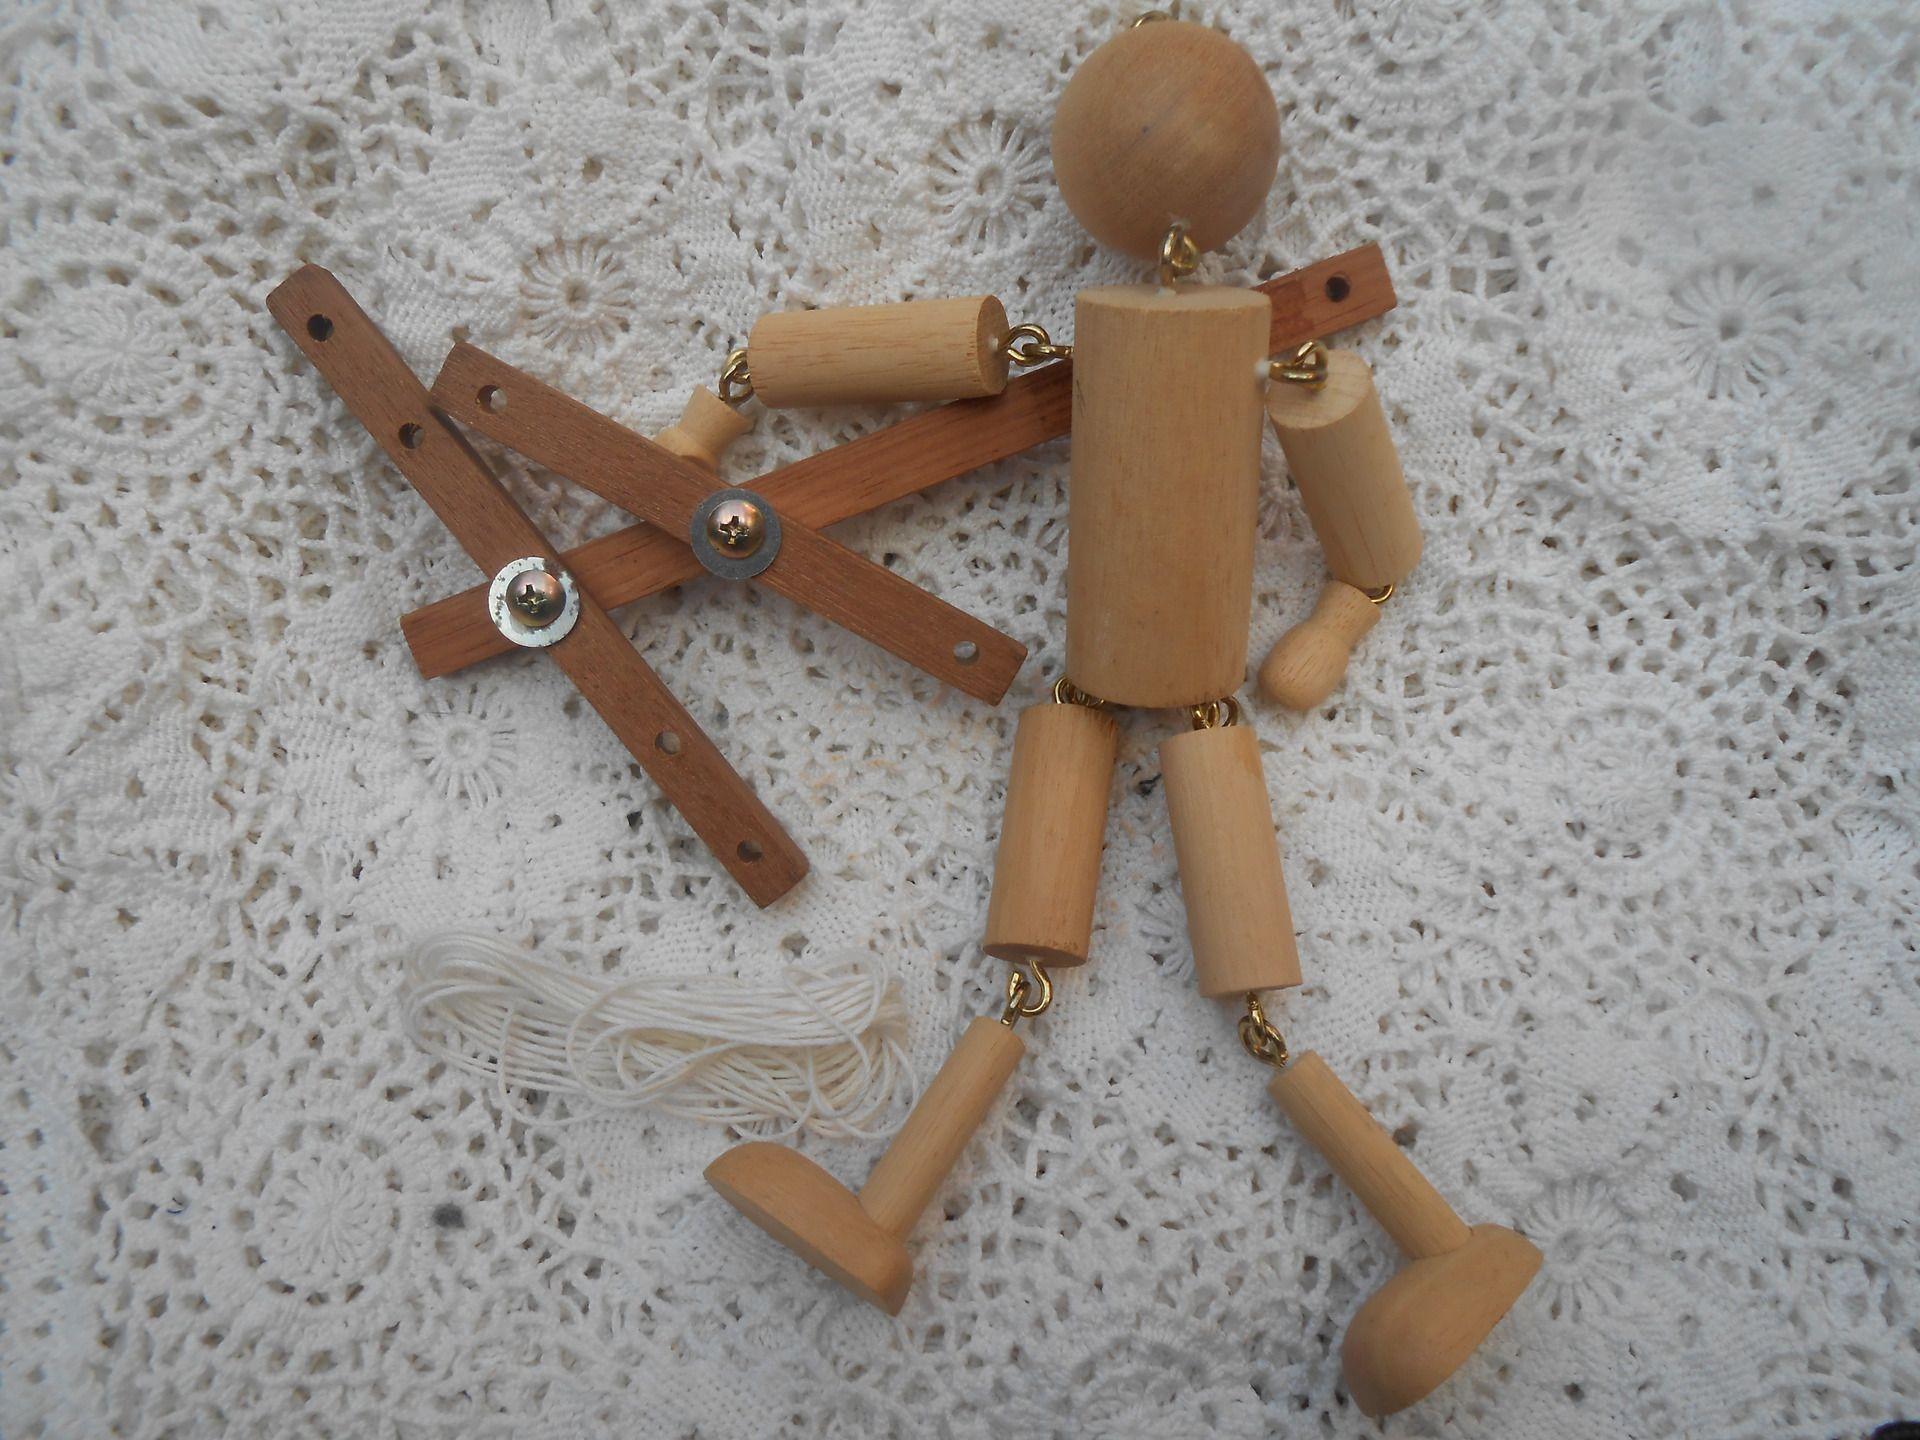 kit marionnette fil en bois articul e autres activit s enfants par balou99 marionnettes et. Black Bedroom Furniture Sets. Home Design Ideas